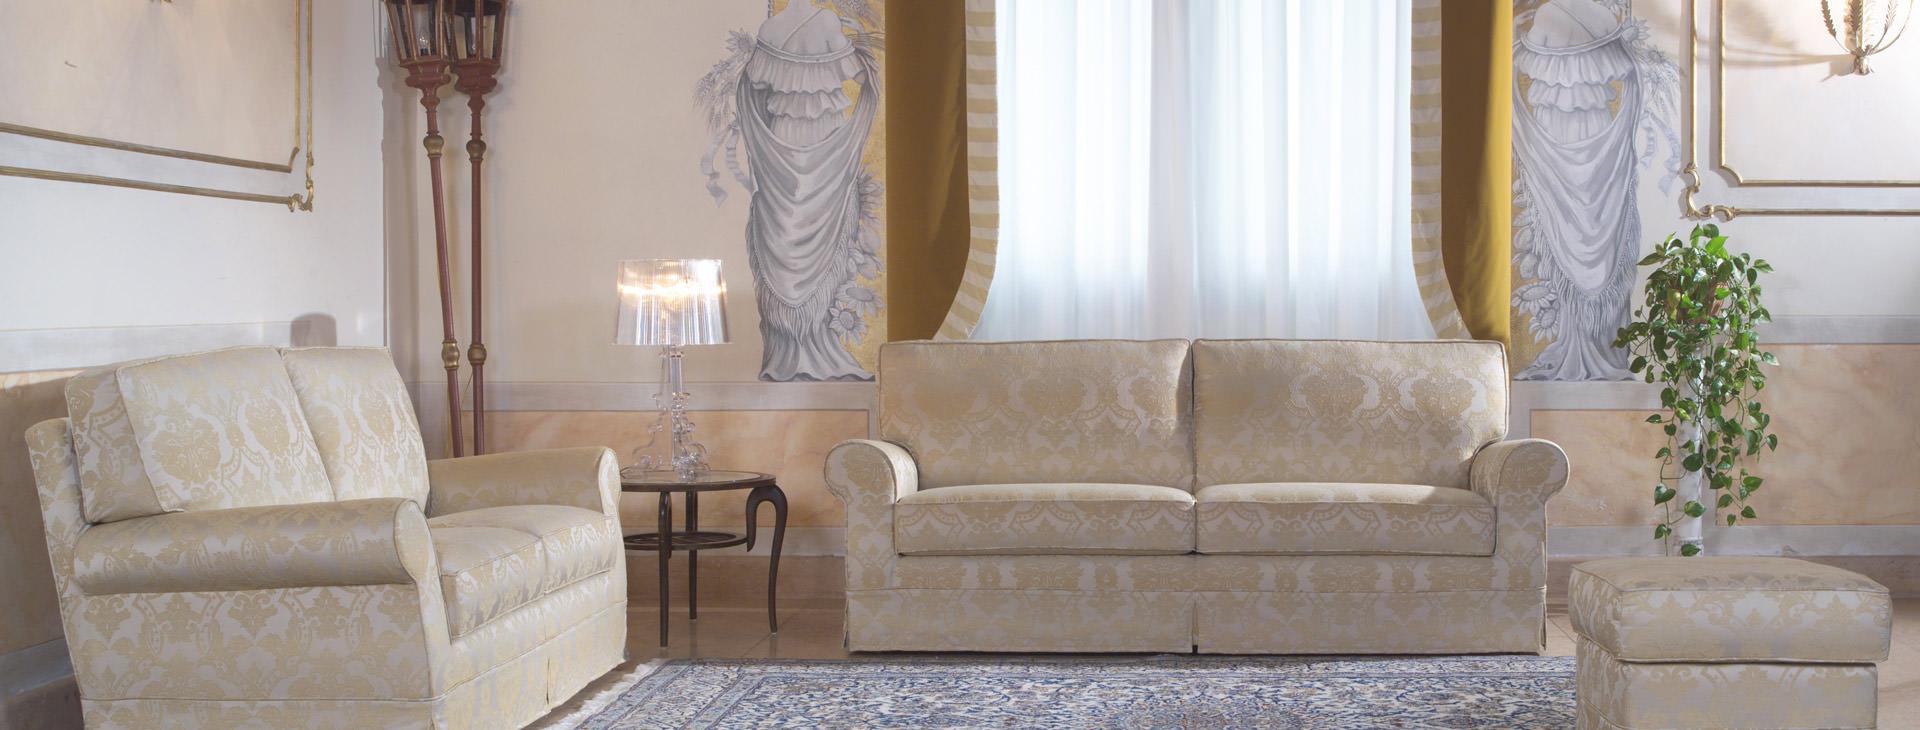 Divani su misura e poltrone relax produzione e vendita a Lissone  TINO MARIANI